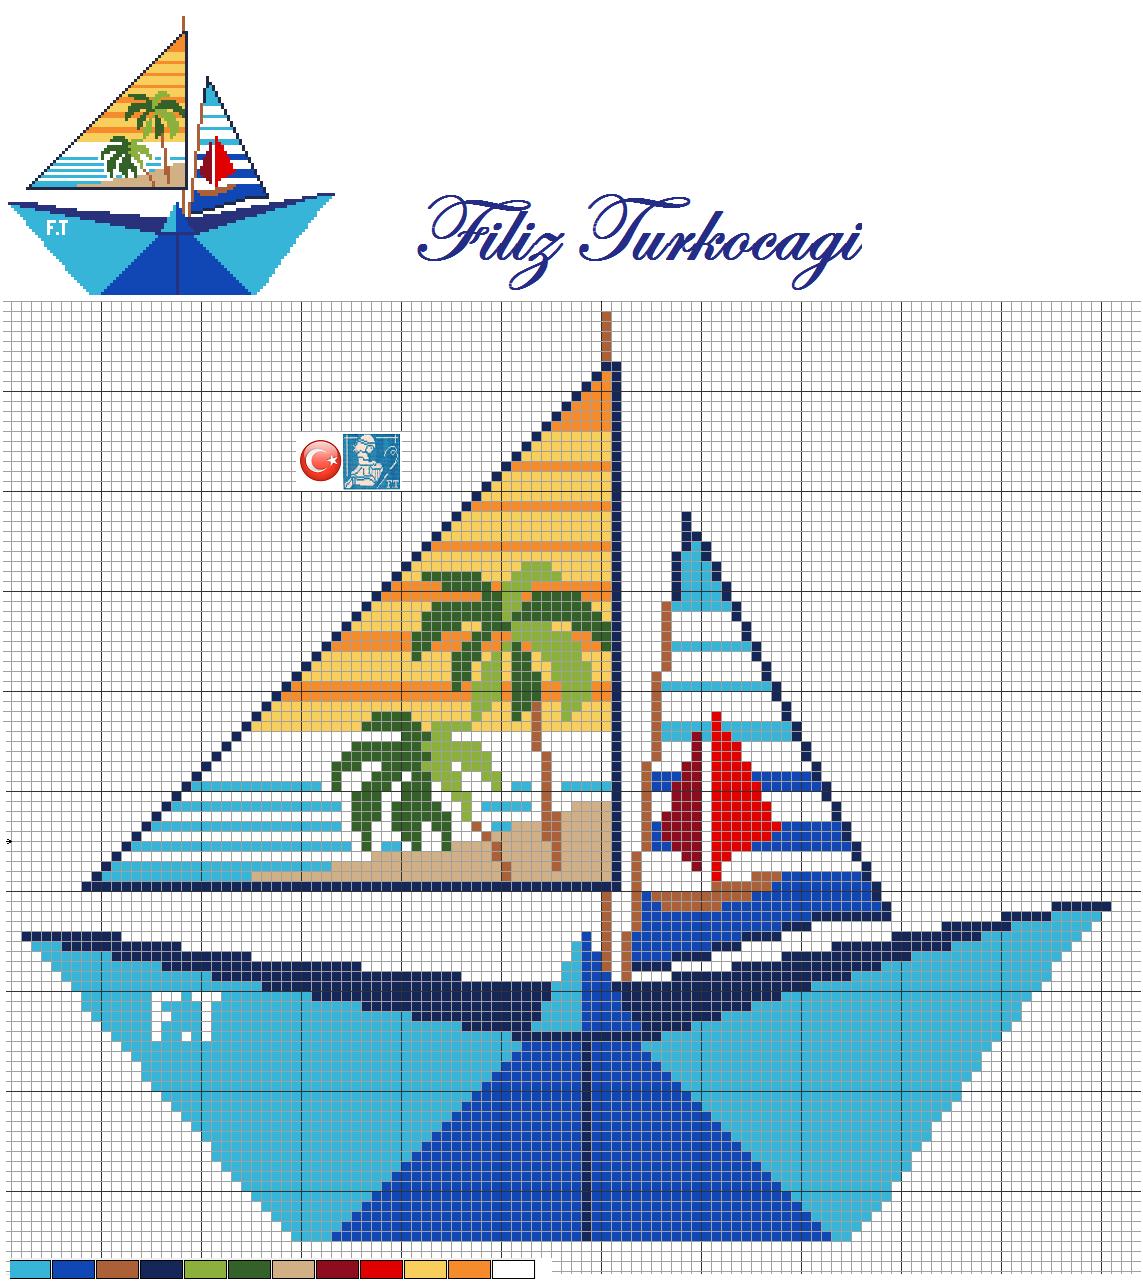 Koca yaz geldi geçiyor bir tane desen paylaşmamışım :)) Ben de kağıttan bir kayık yaptım :)) Designed by Filiz Türkocagi...